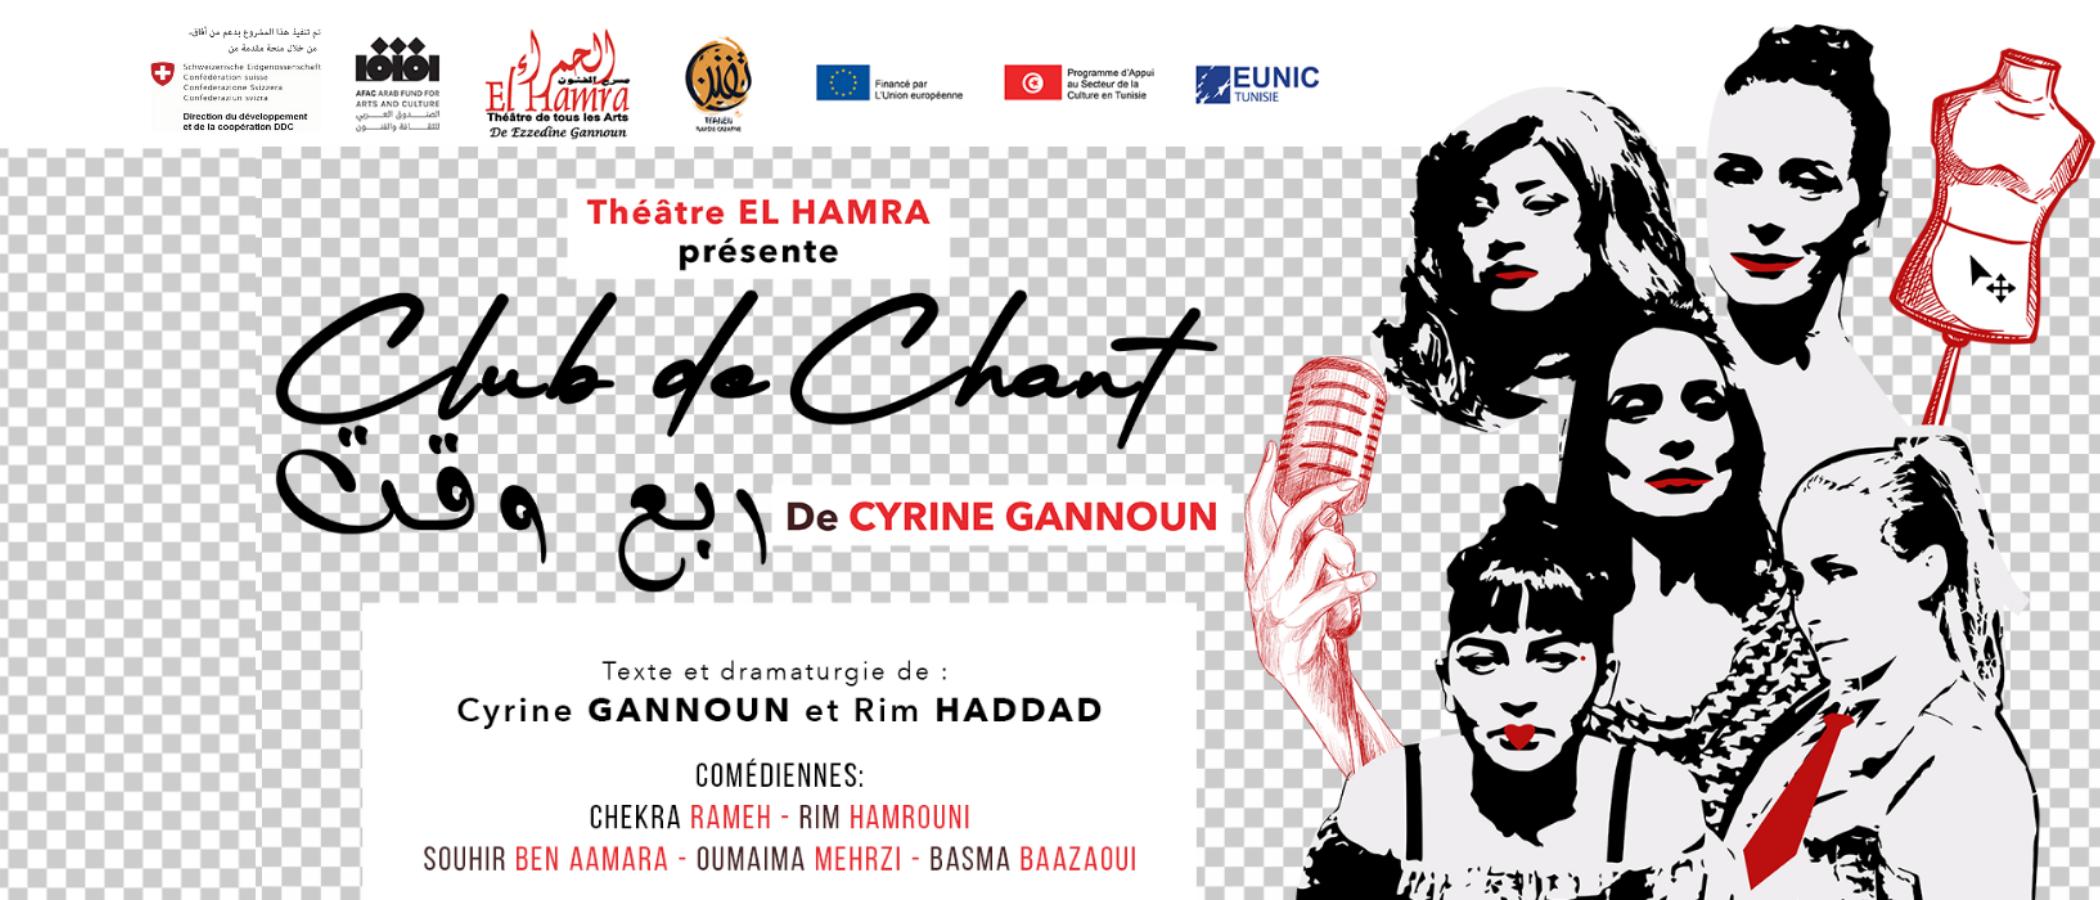 Club de Chant - ربع وقت de Cyrine Gannoun